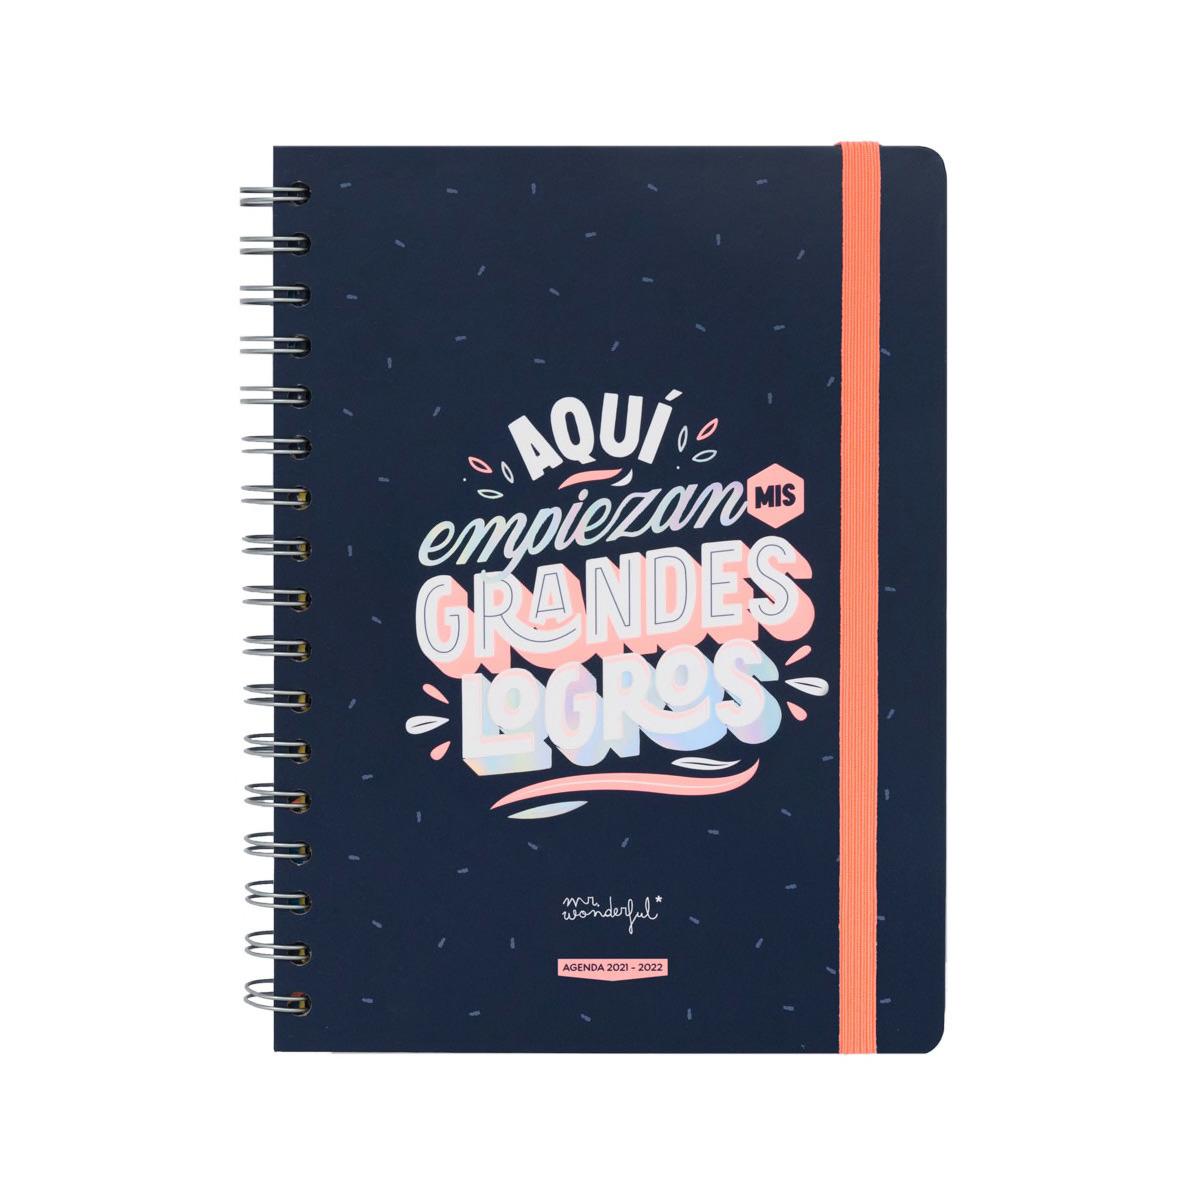 Agenda Escolar con Mensaje y Diseño Mr. Wonderful: Aquí empiezan mis grandes logros